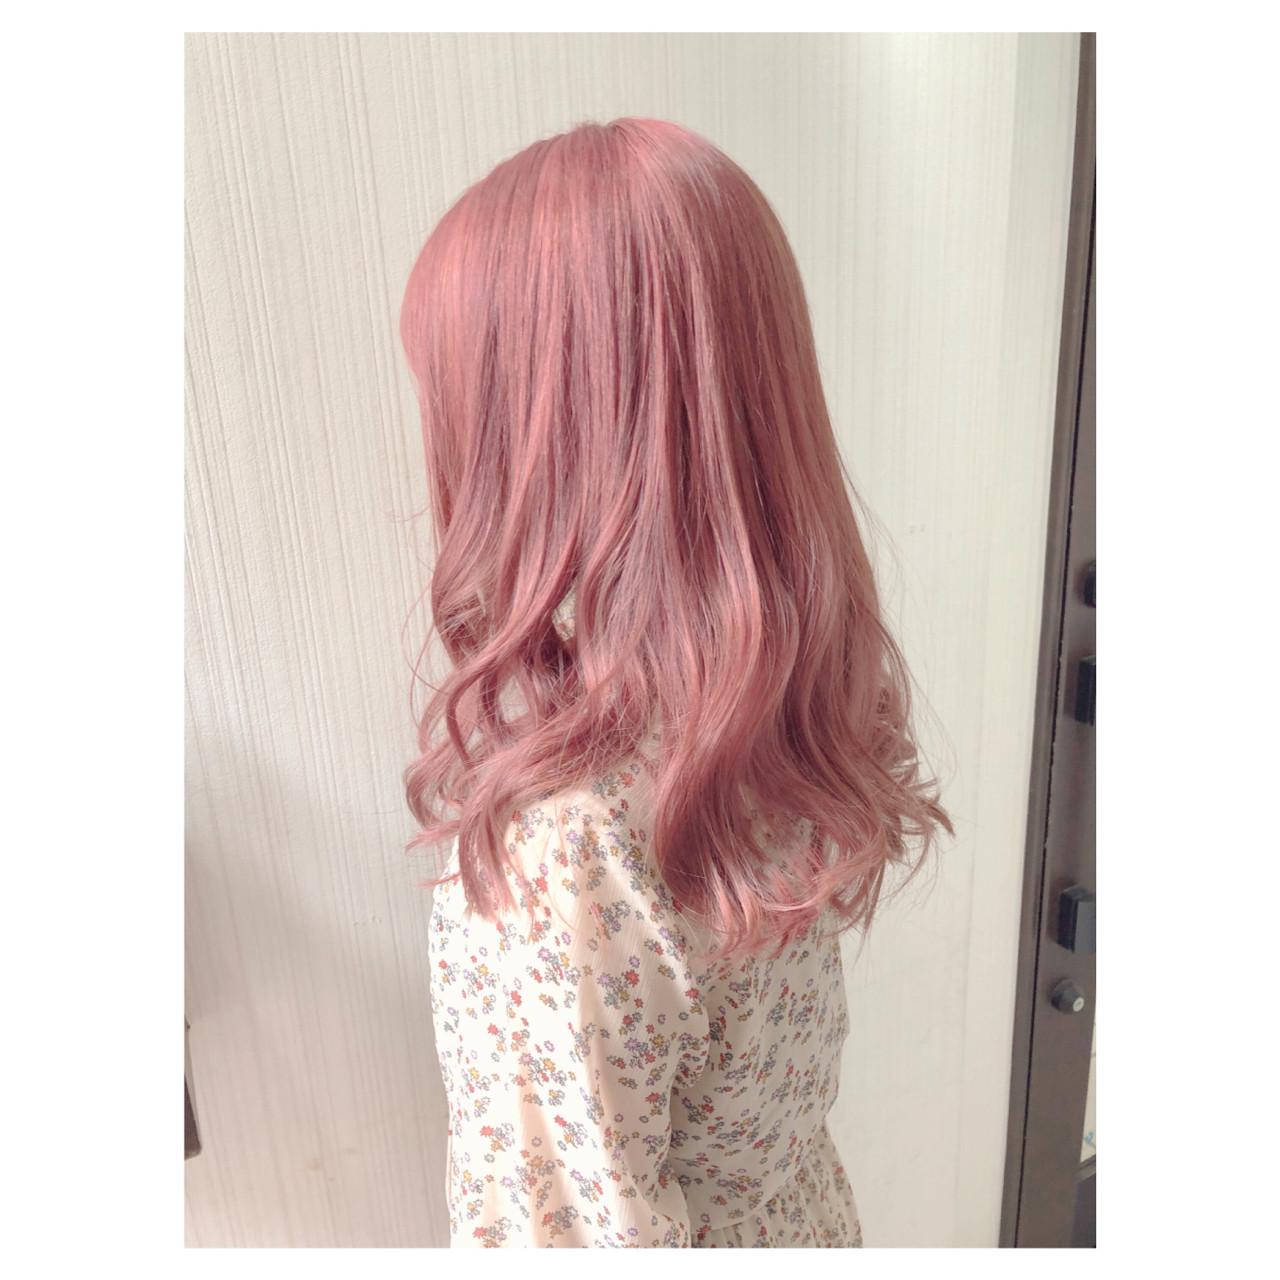 外国人風カラー ピンクベージュ アンニュイほつれヘア ヘアアレンジ ヘアスタイルや髪型の写真・画像